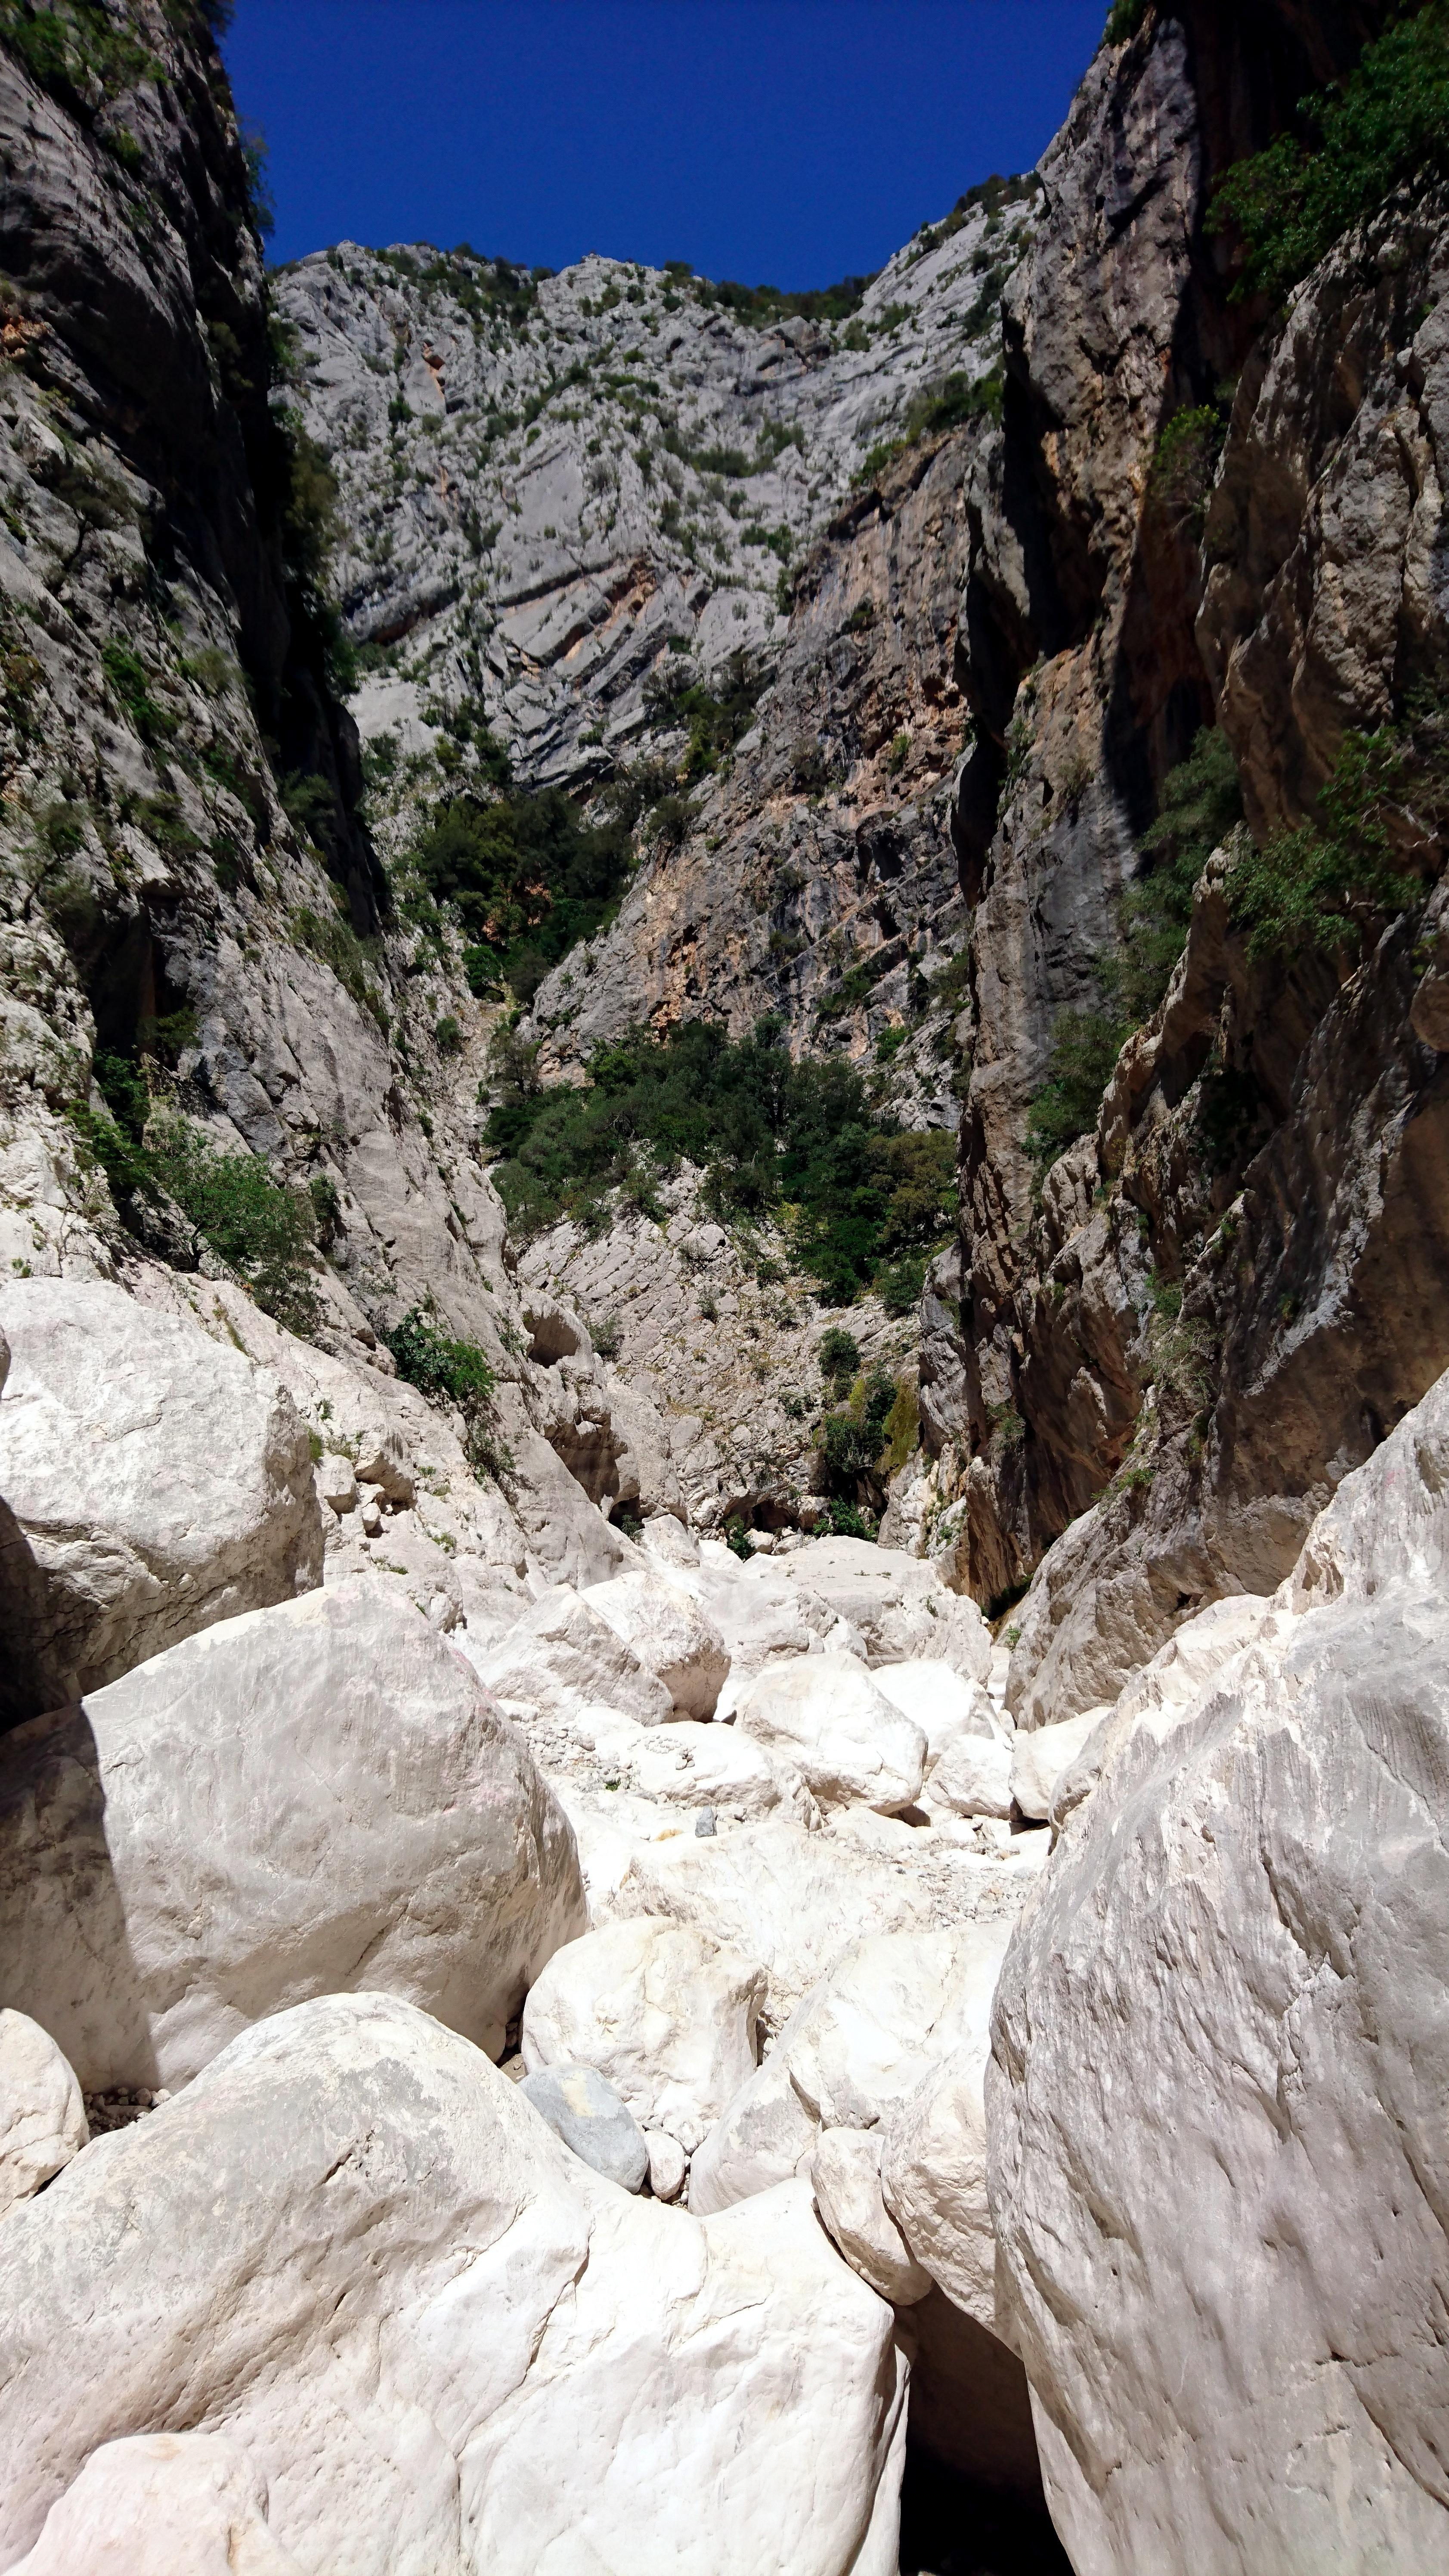 verso la fine il Canyon tende a riaprirsi: noi ci fermeremo qui